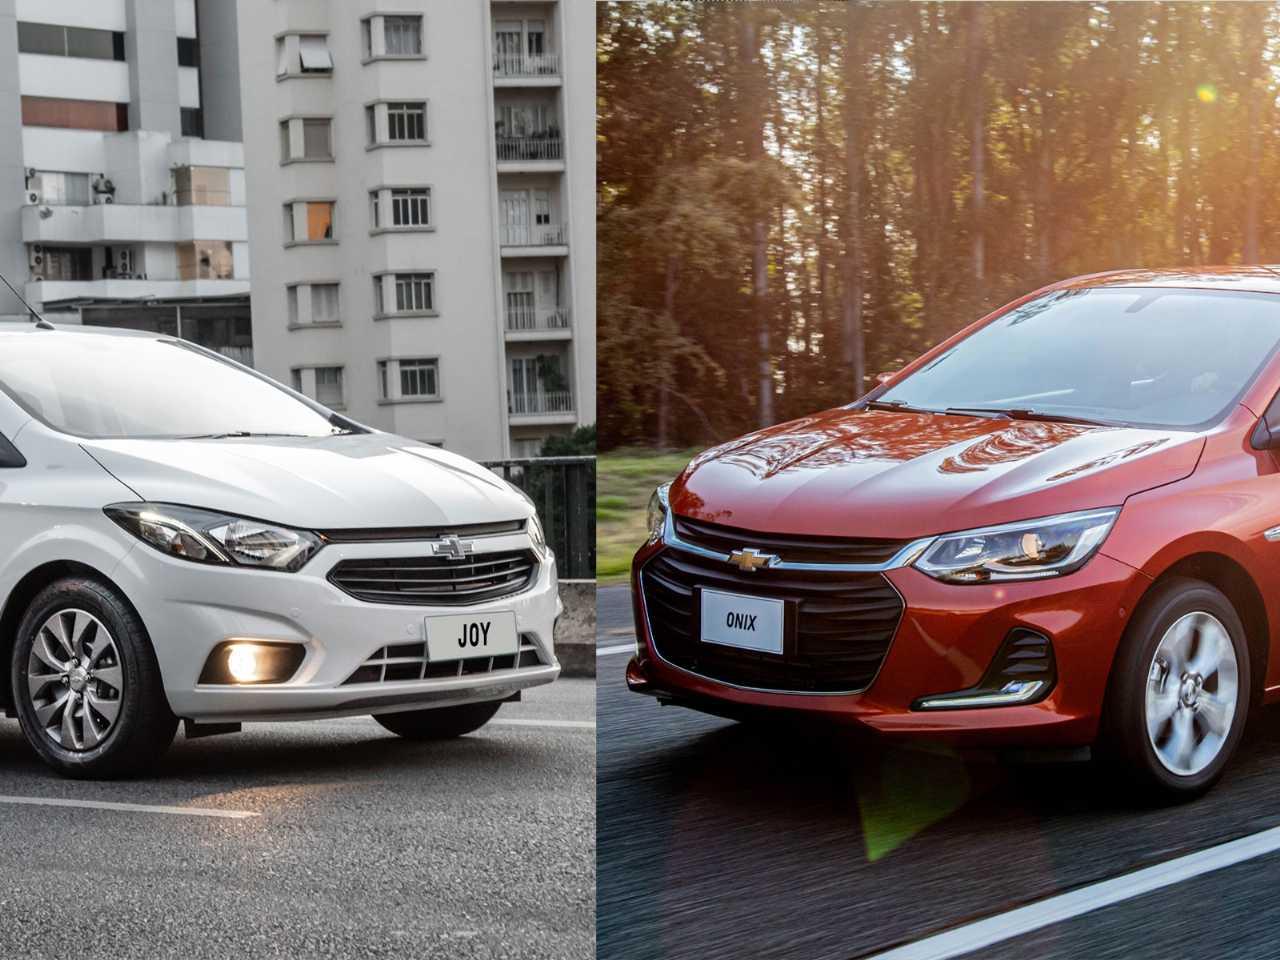 O Joy (ex-Onix) e o novo Onix: mesmo com vendas divididas, hatches da Chevrolet podem fazer dobradinha na liderança do mercado